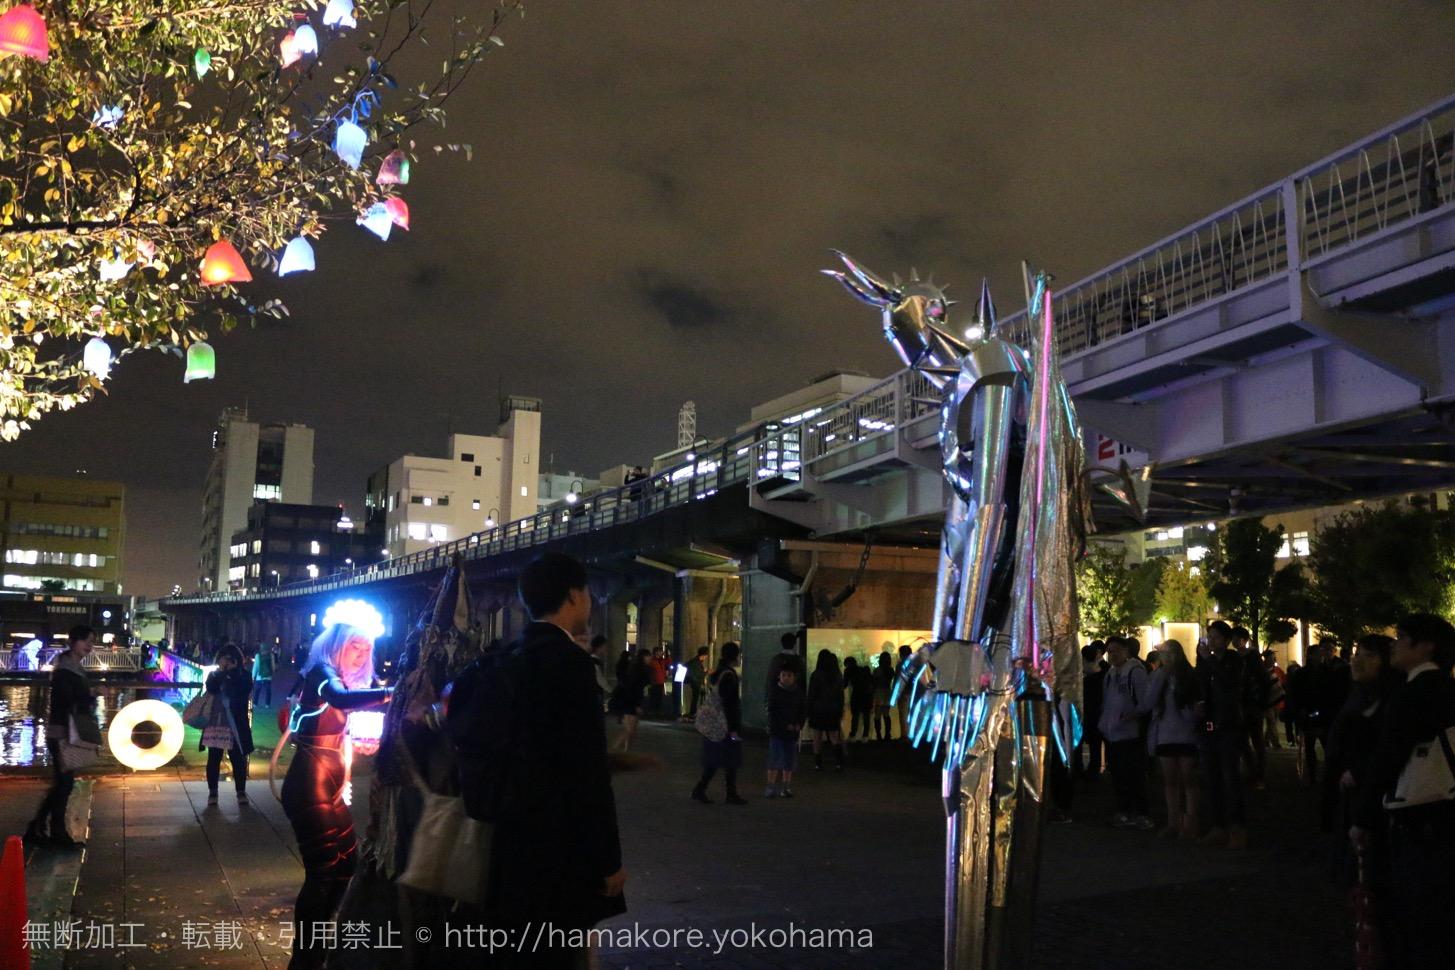 スマートイルミネーション横浜2015の様子